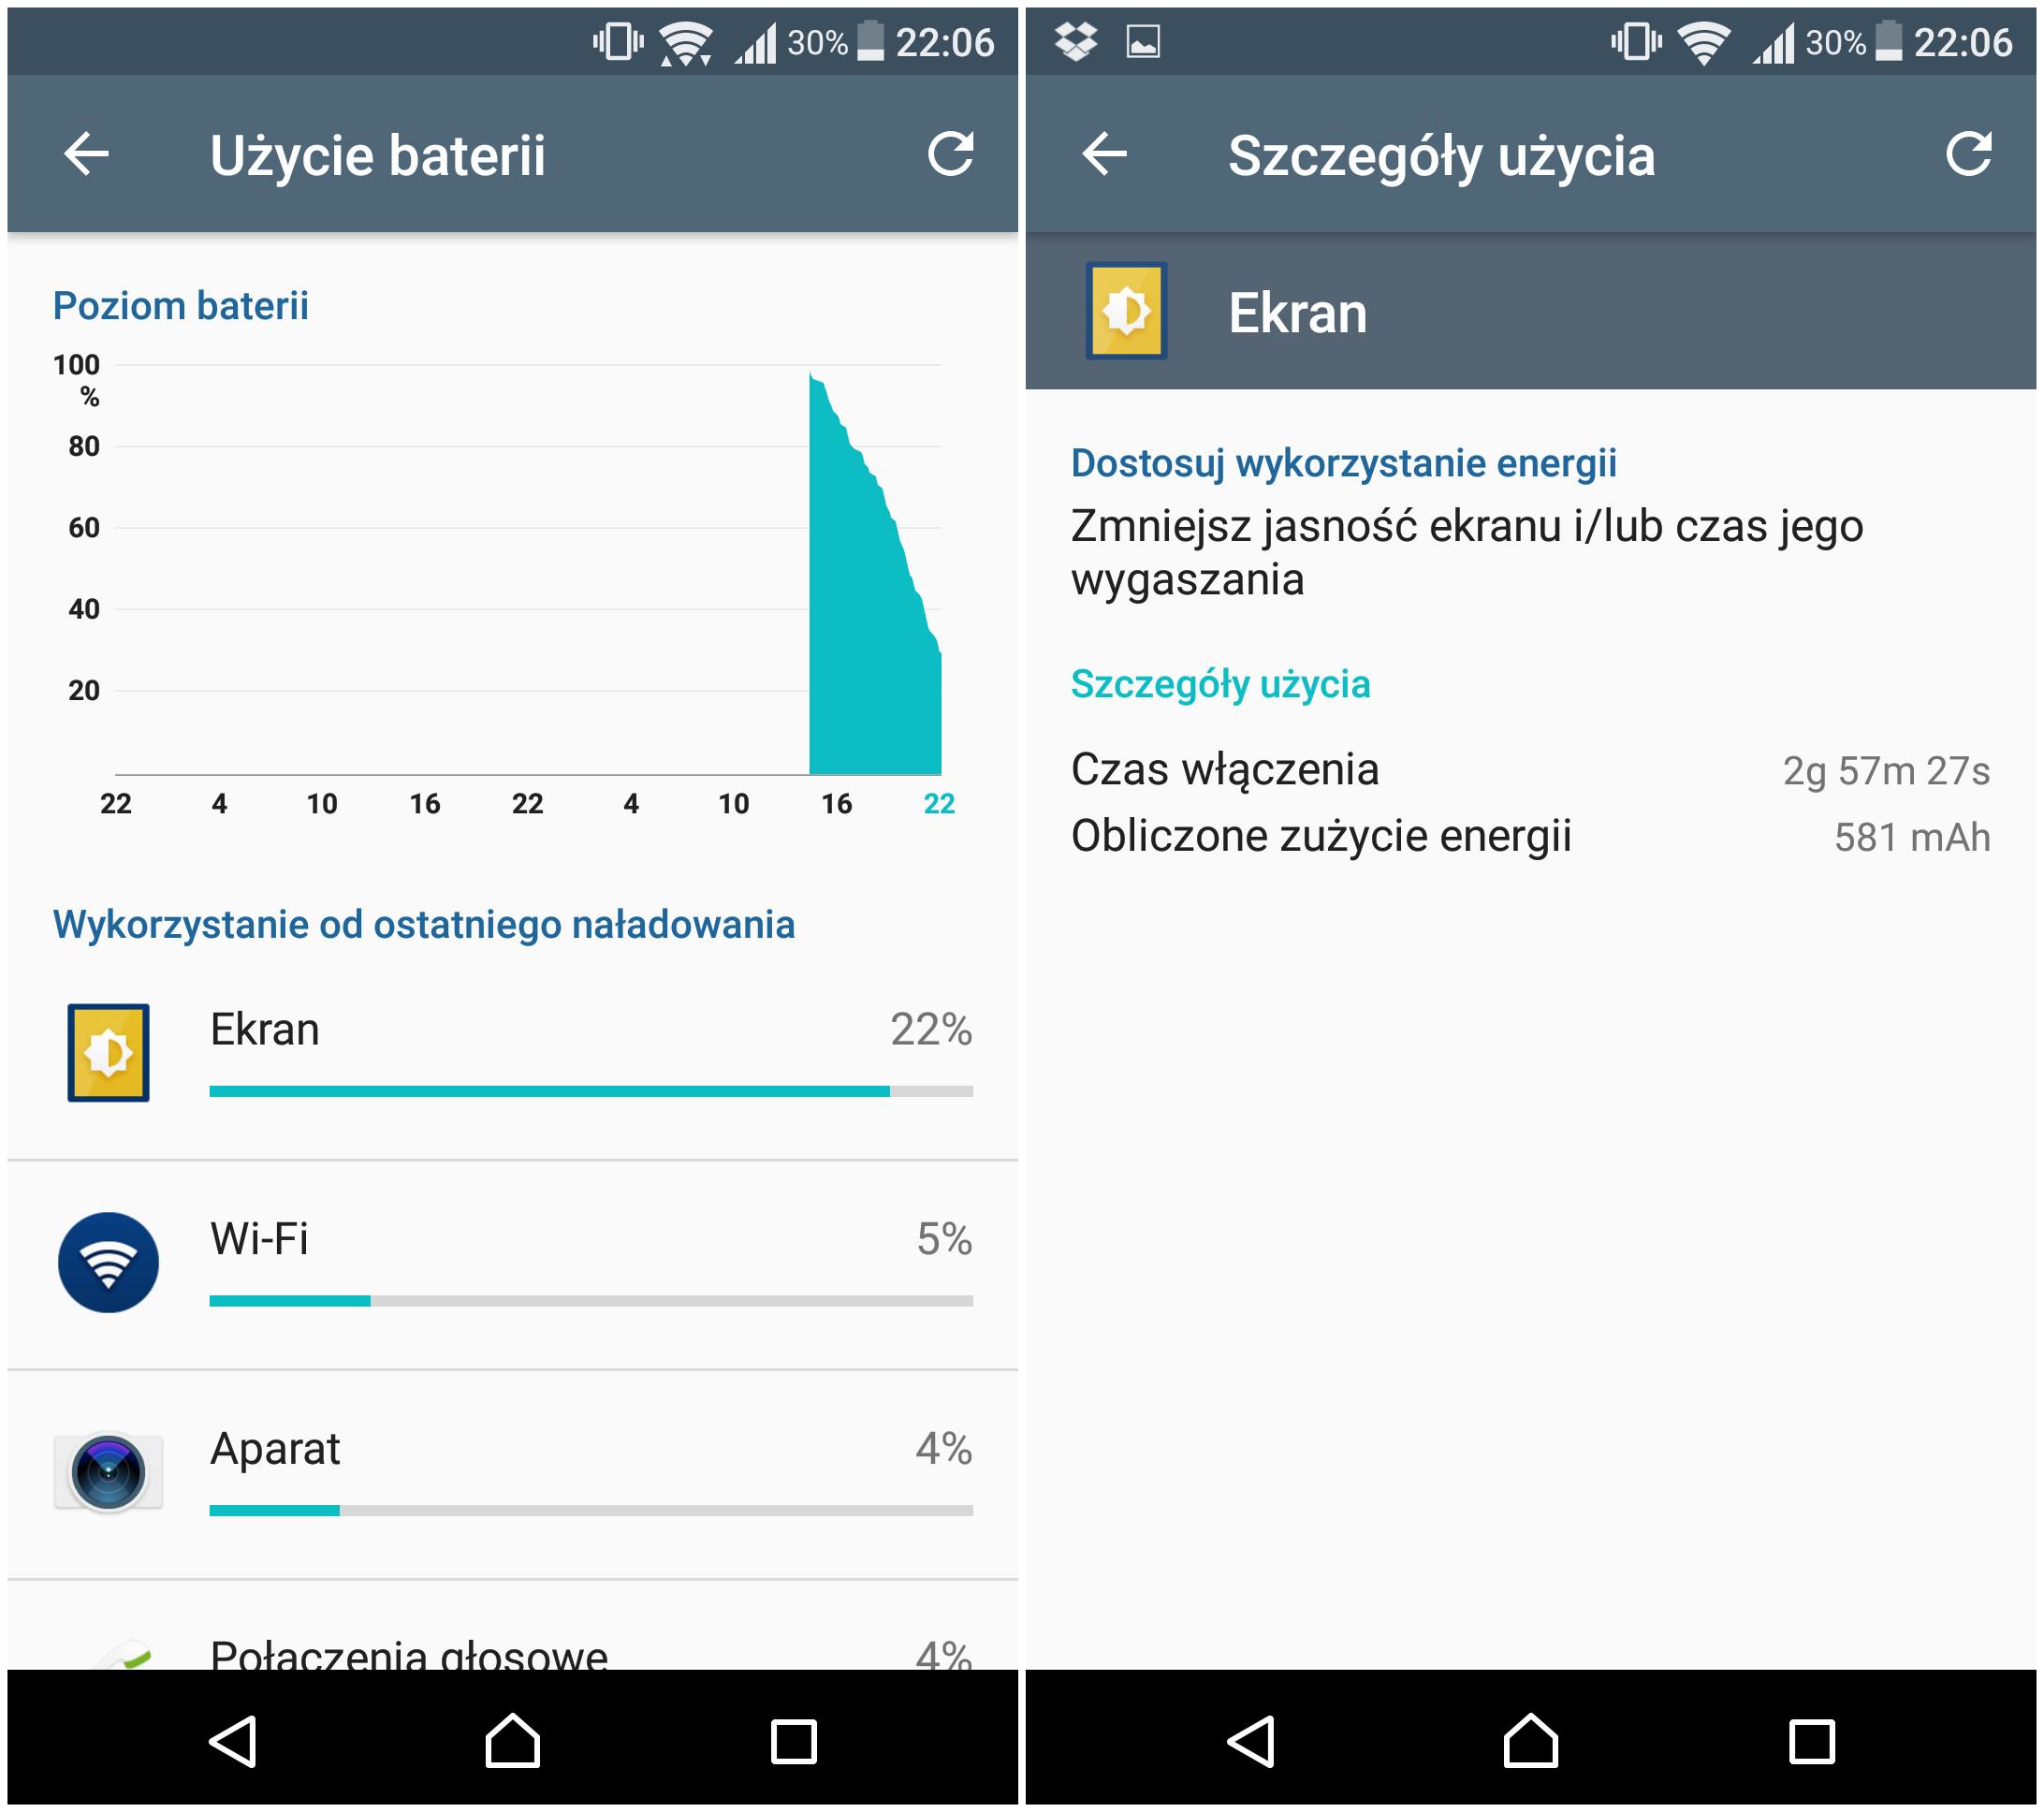 Sony XPeria XA Ultra (F3212) Przykładowe zużycie baterii - recenzja 90sekund.pl